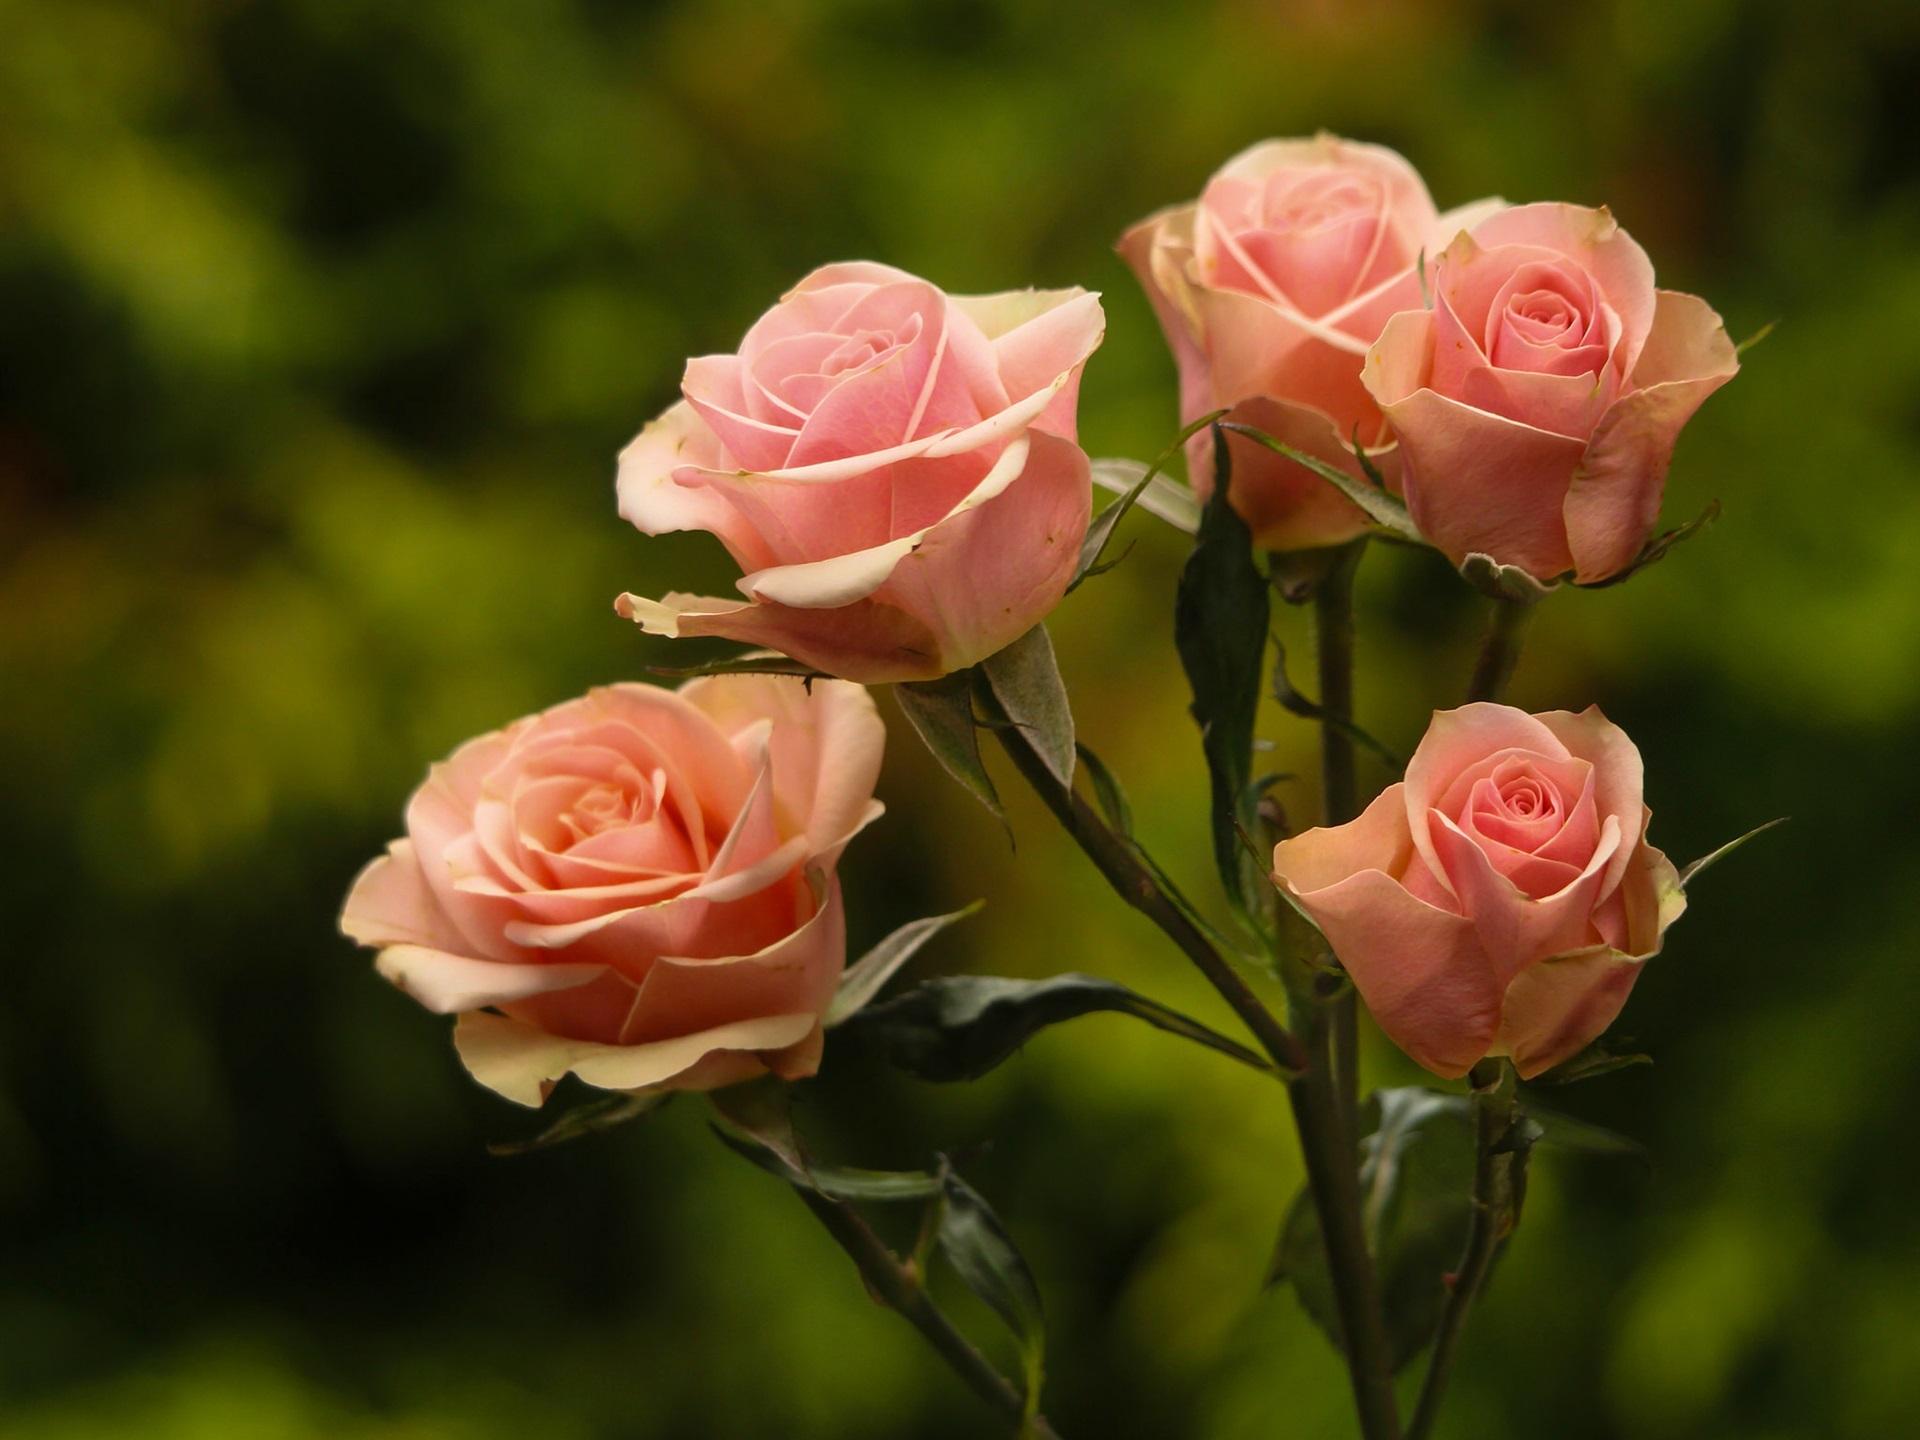 Розы картинки обои для рабочего стола